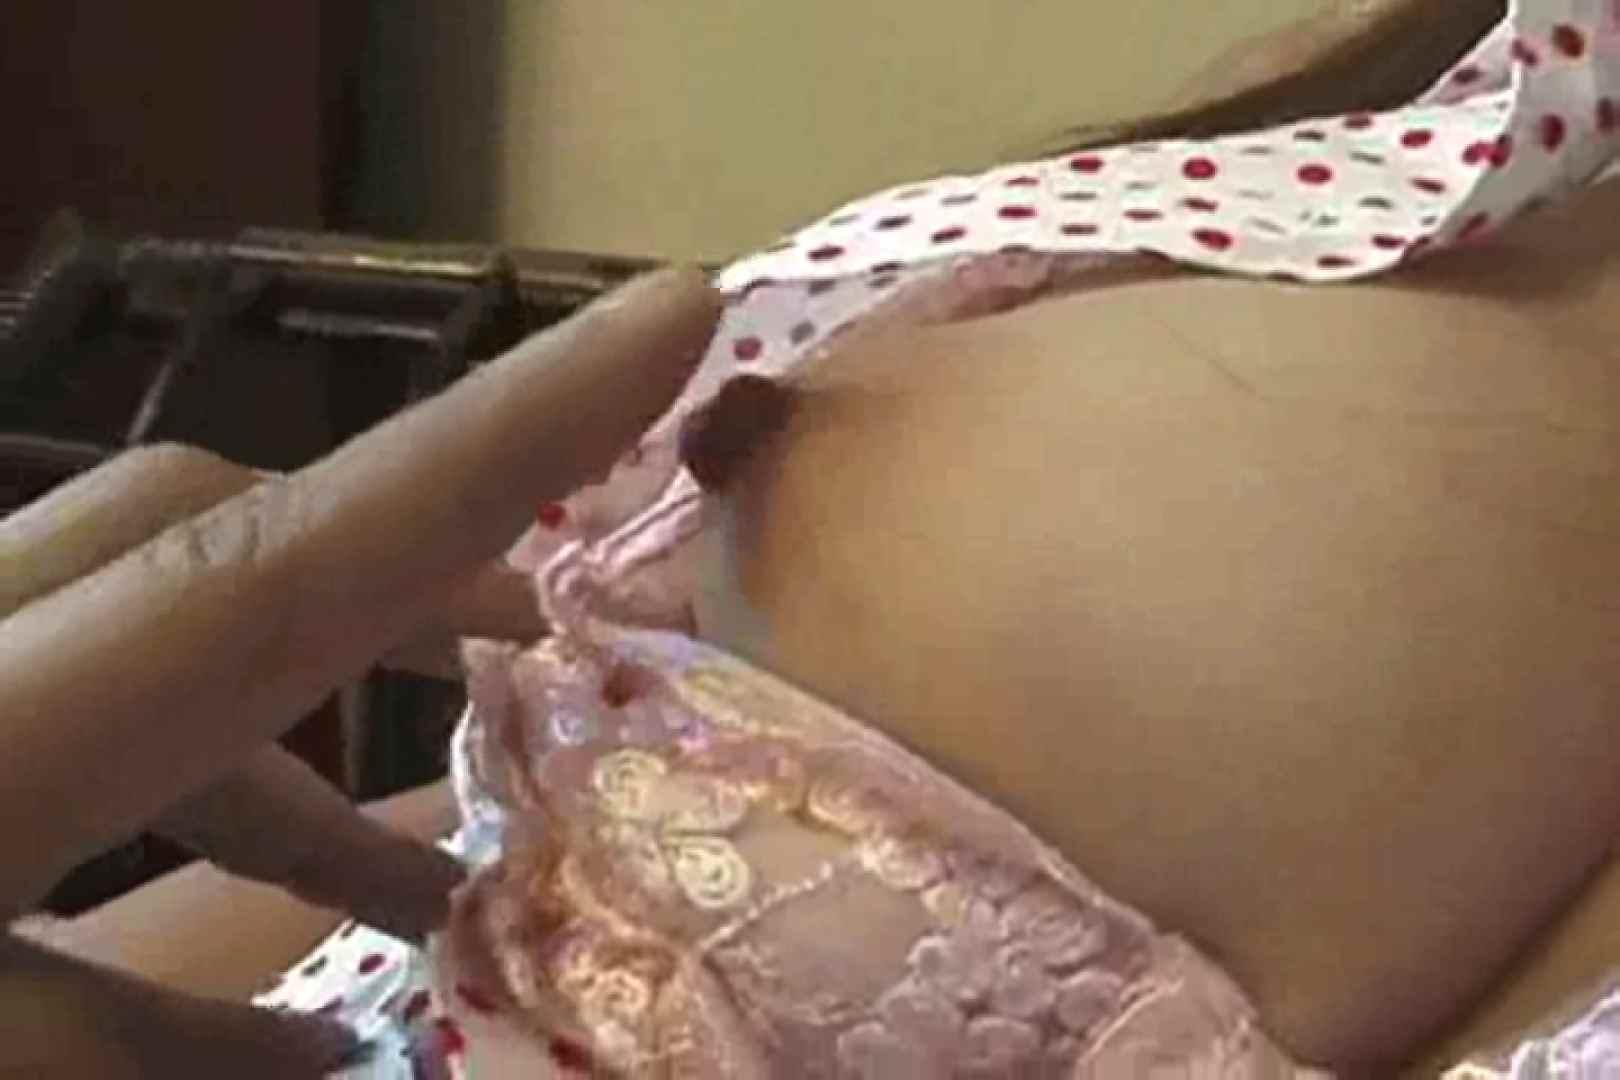 素人嬢126人のハメ撮り 林美穂 巨乳女子 盗撮画像 58pic 31